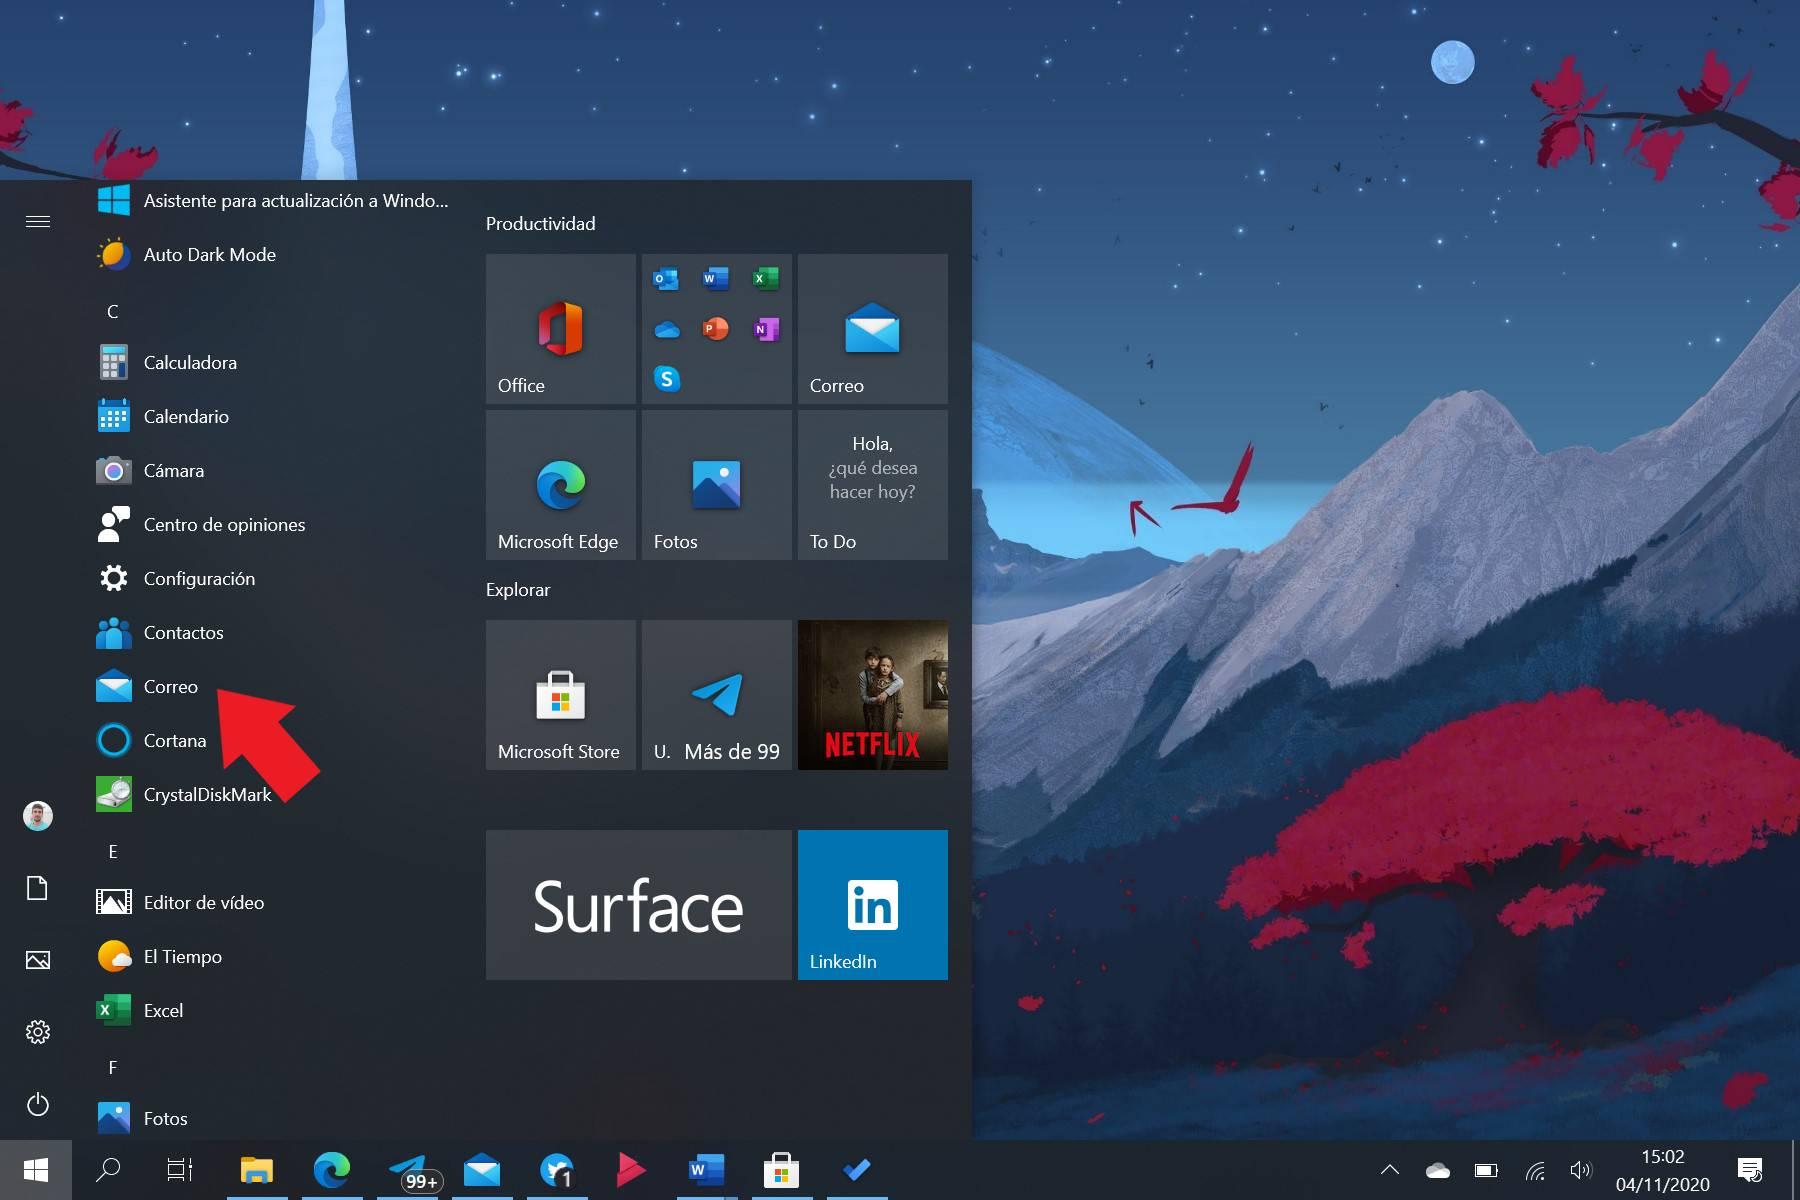 Aplicación de Correo de Windows 10